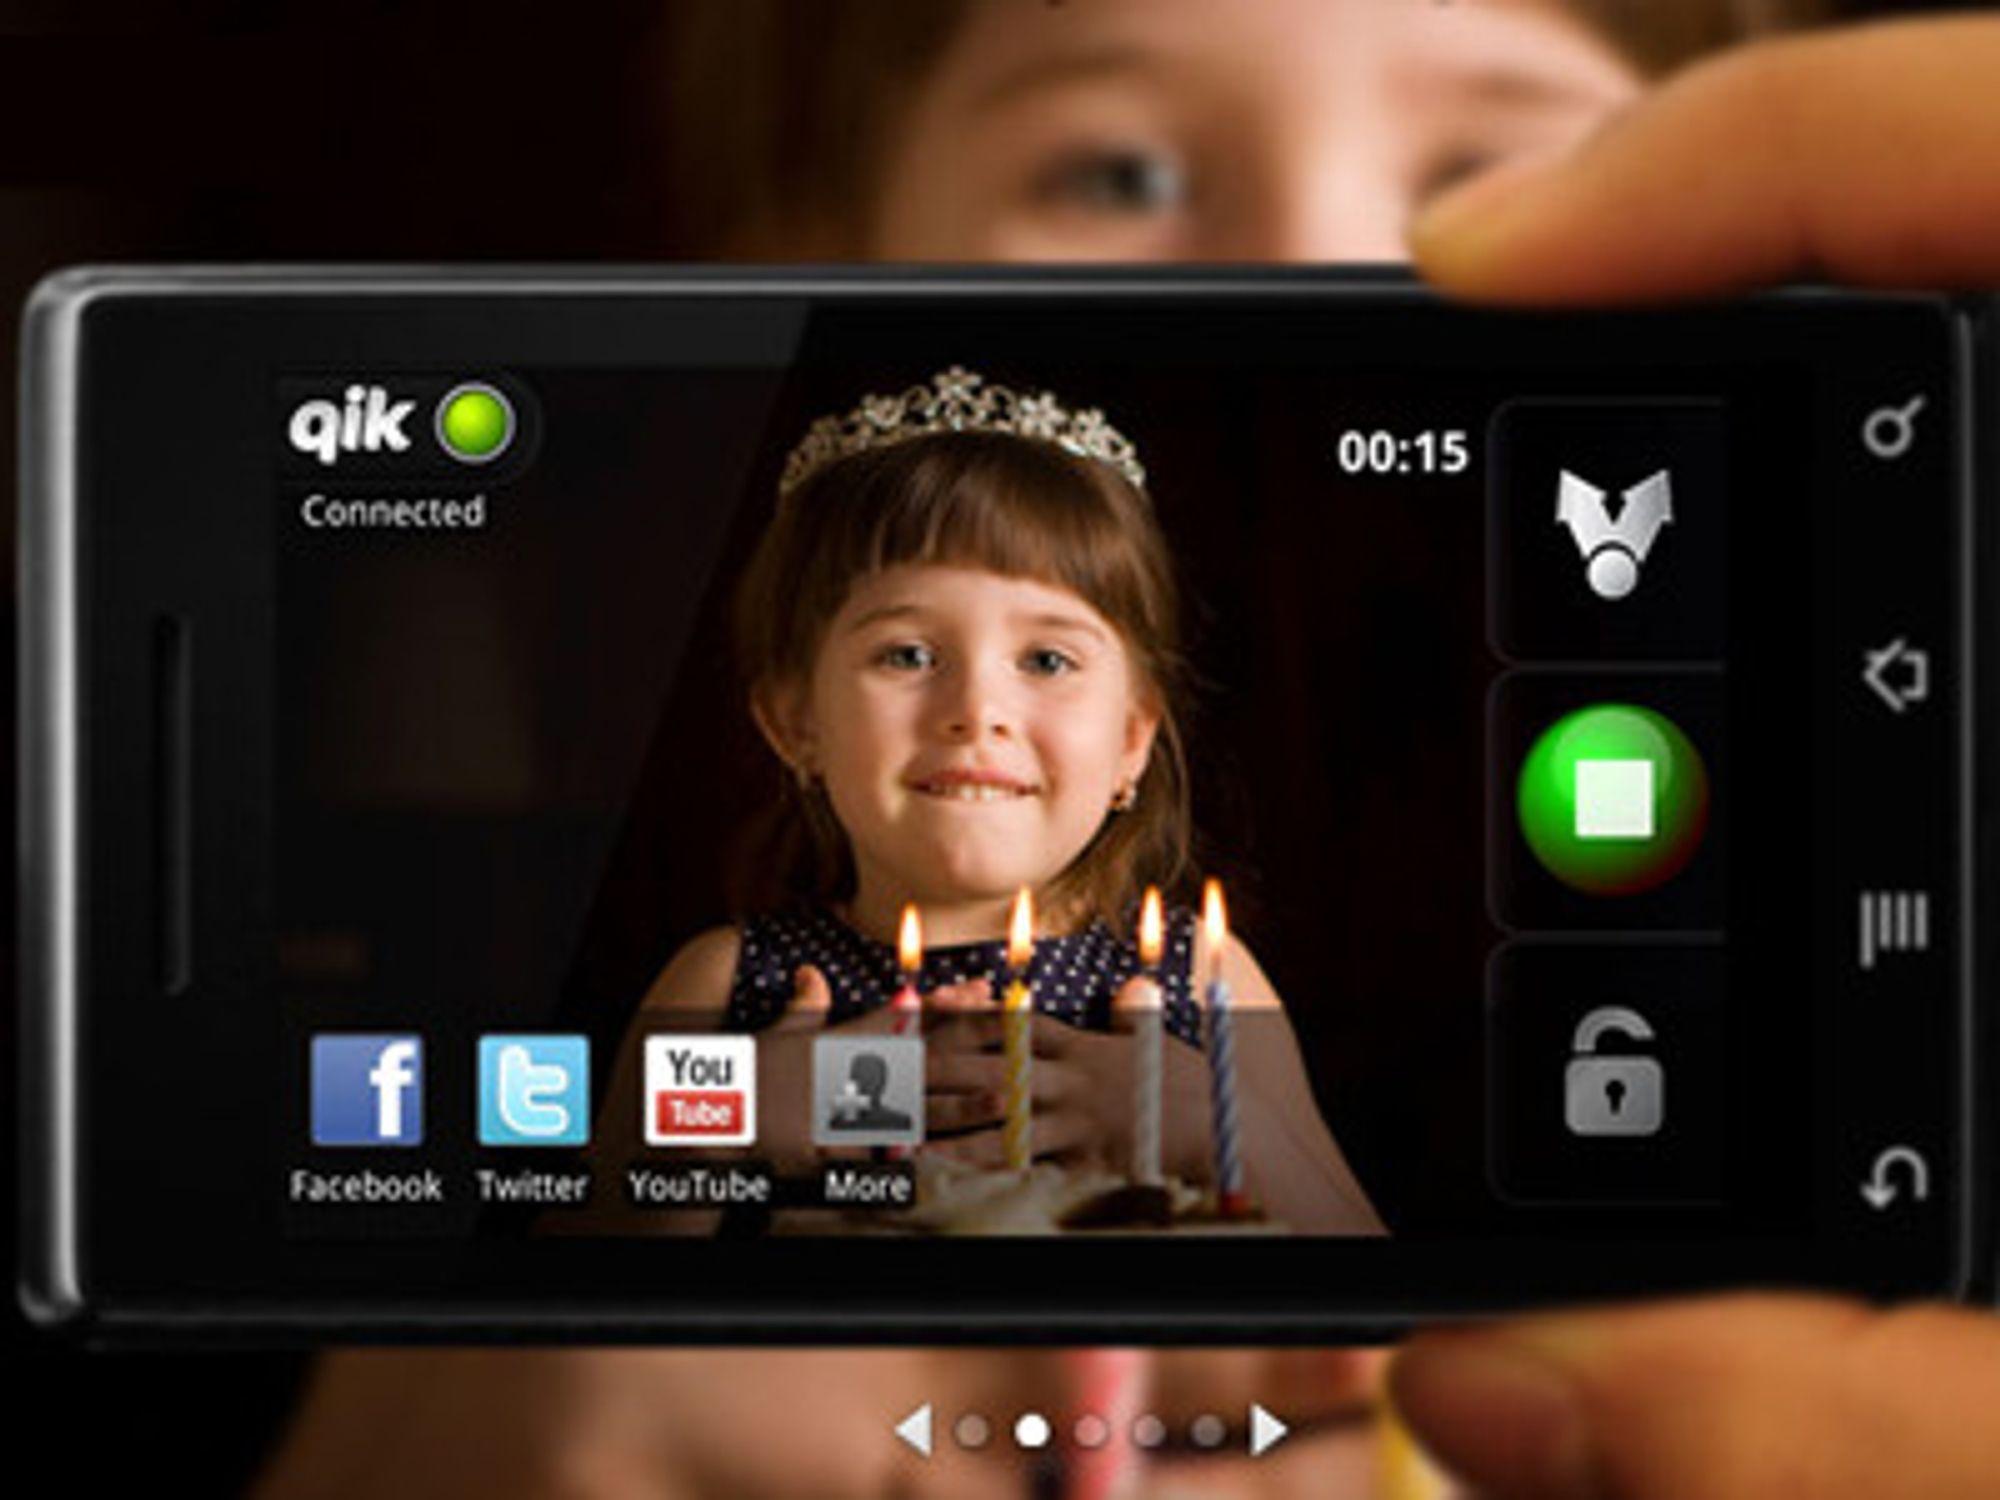 Qik brukes til å streame video til andre mobiltelefoner, under selve opptaket. Skype skal bruke teknologien til bedre videokonferanser med mobiltelefoner.